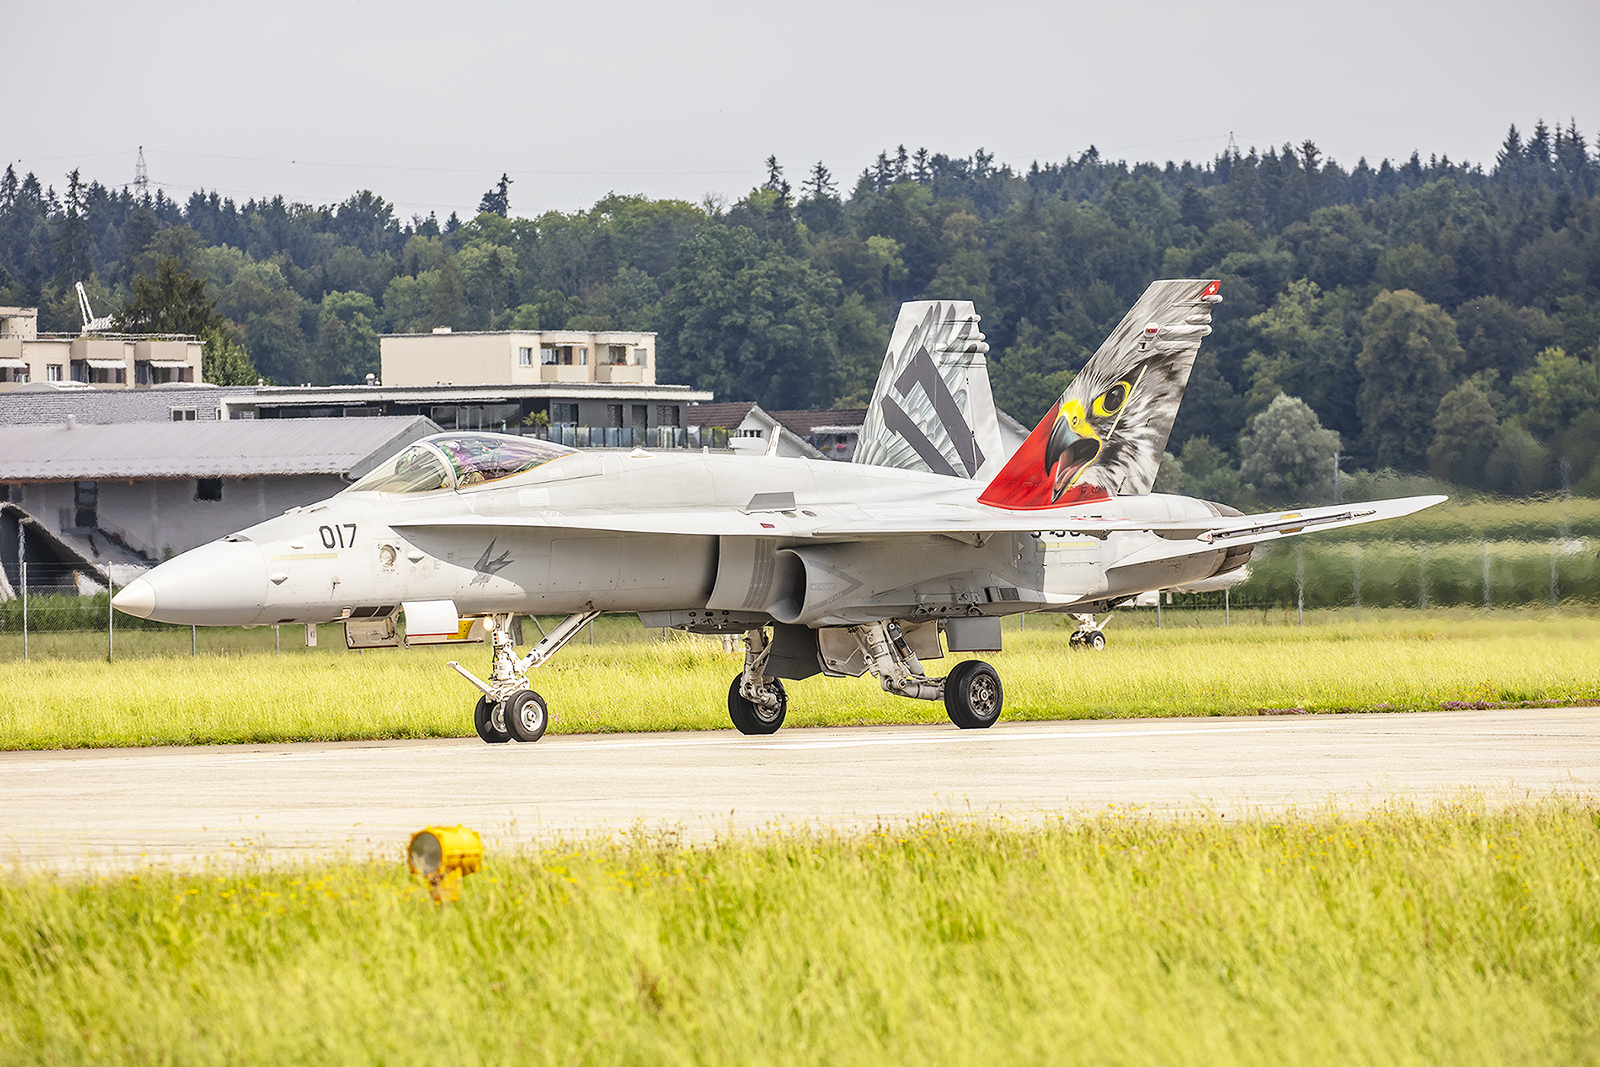 Die derzeit noch aktiven drei Hornetstaffeln haben alle eine bunte Maschine mit ihrem Staffeltier.